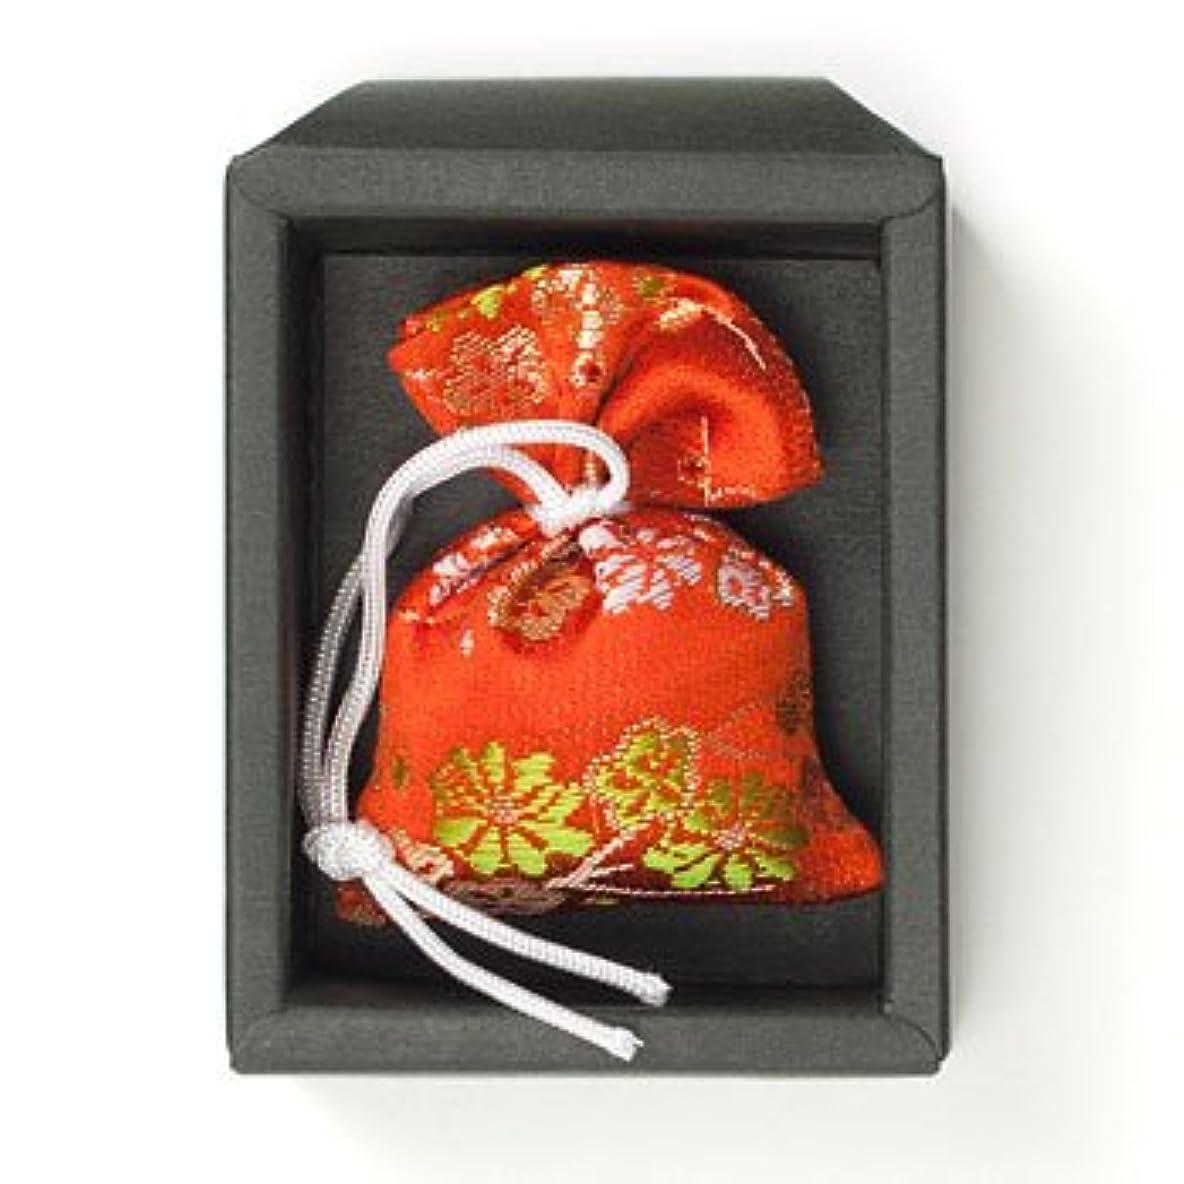 プログレッシブレンチカタログ匂い袋 誰が袖 極品 1個入 松栄堂 Shoyeido 本体長さ60mm (色?柄は選べません)